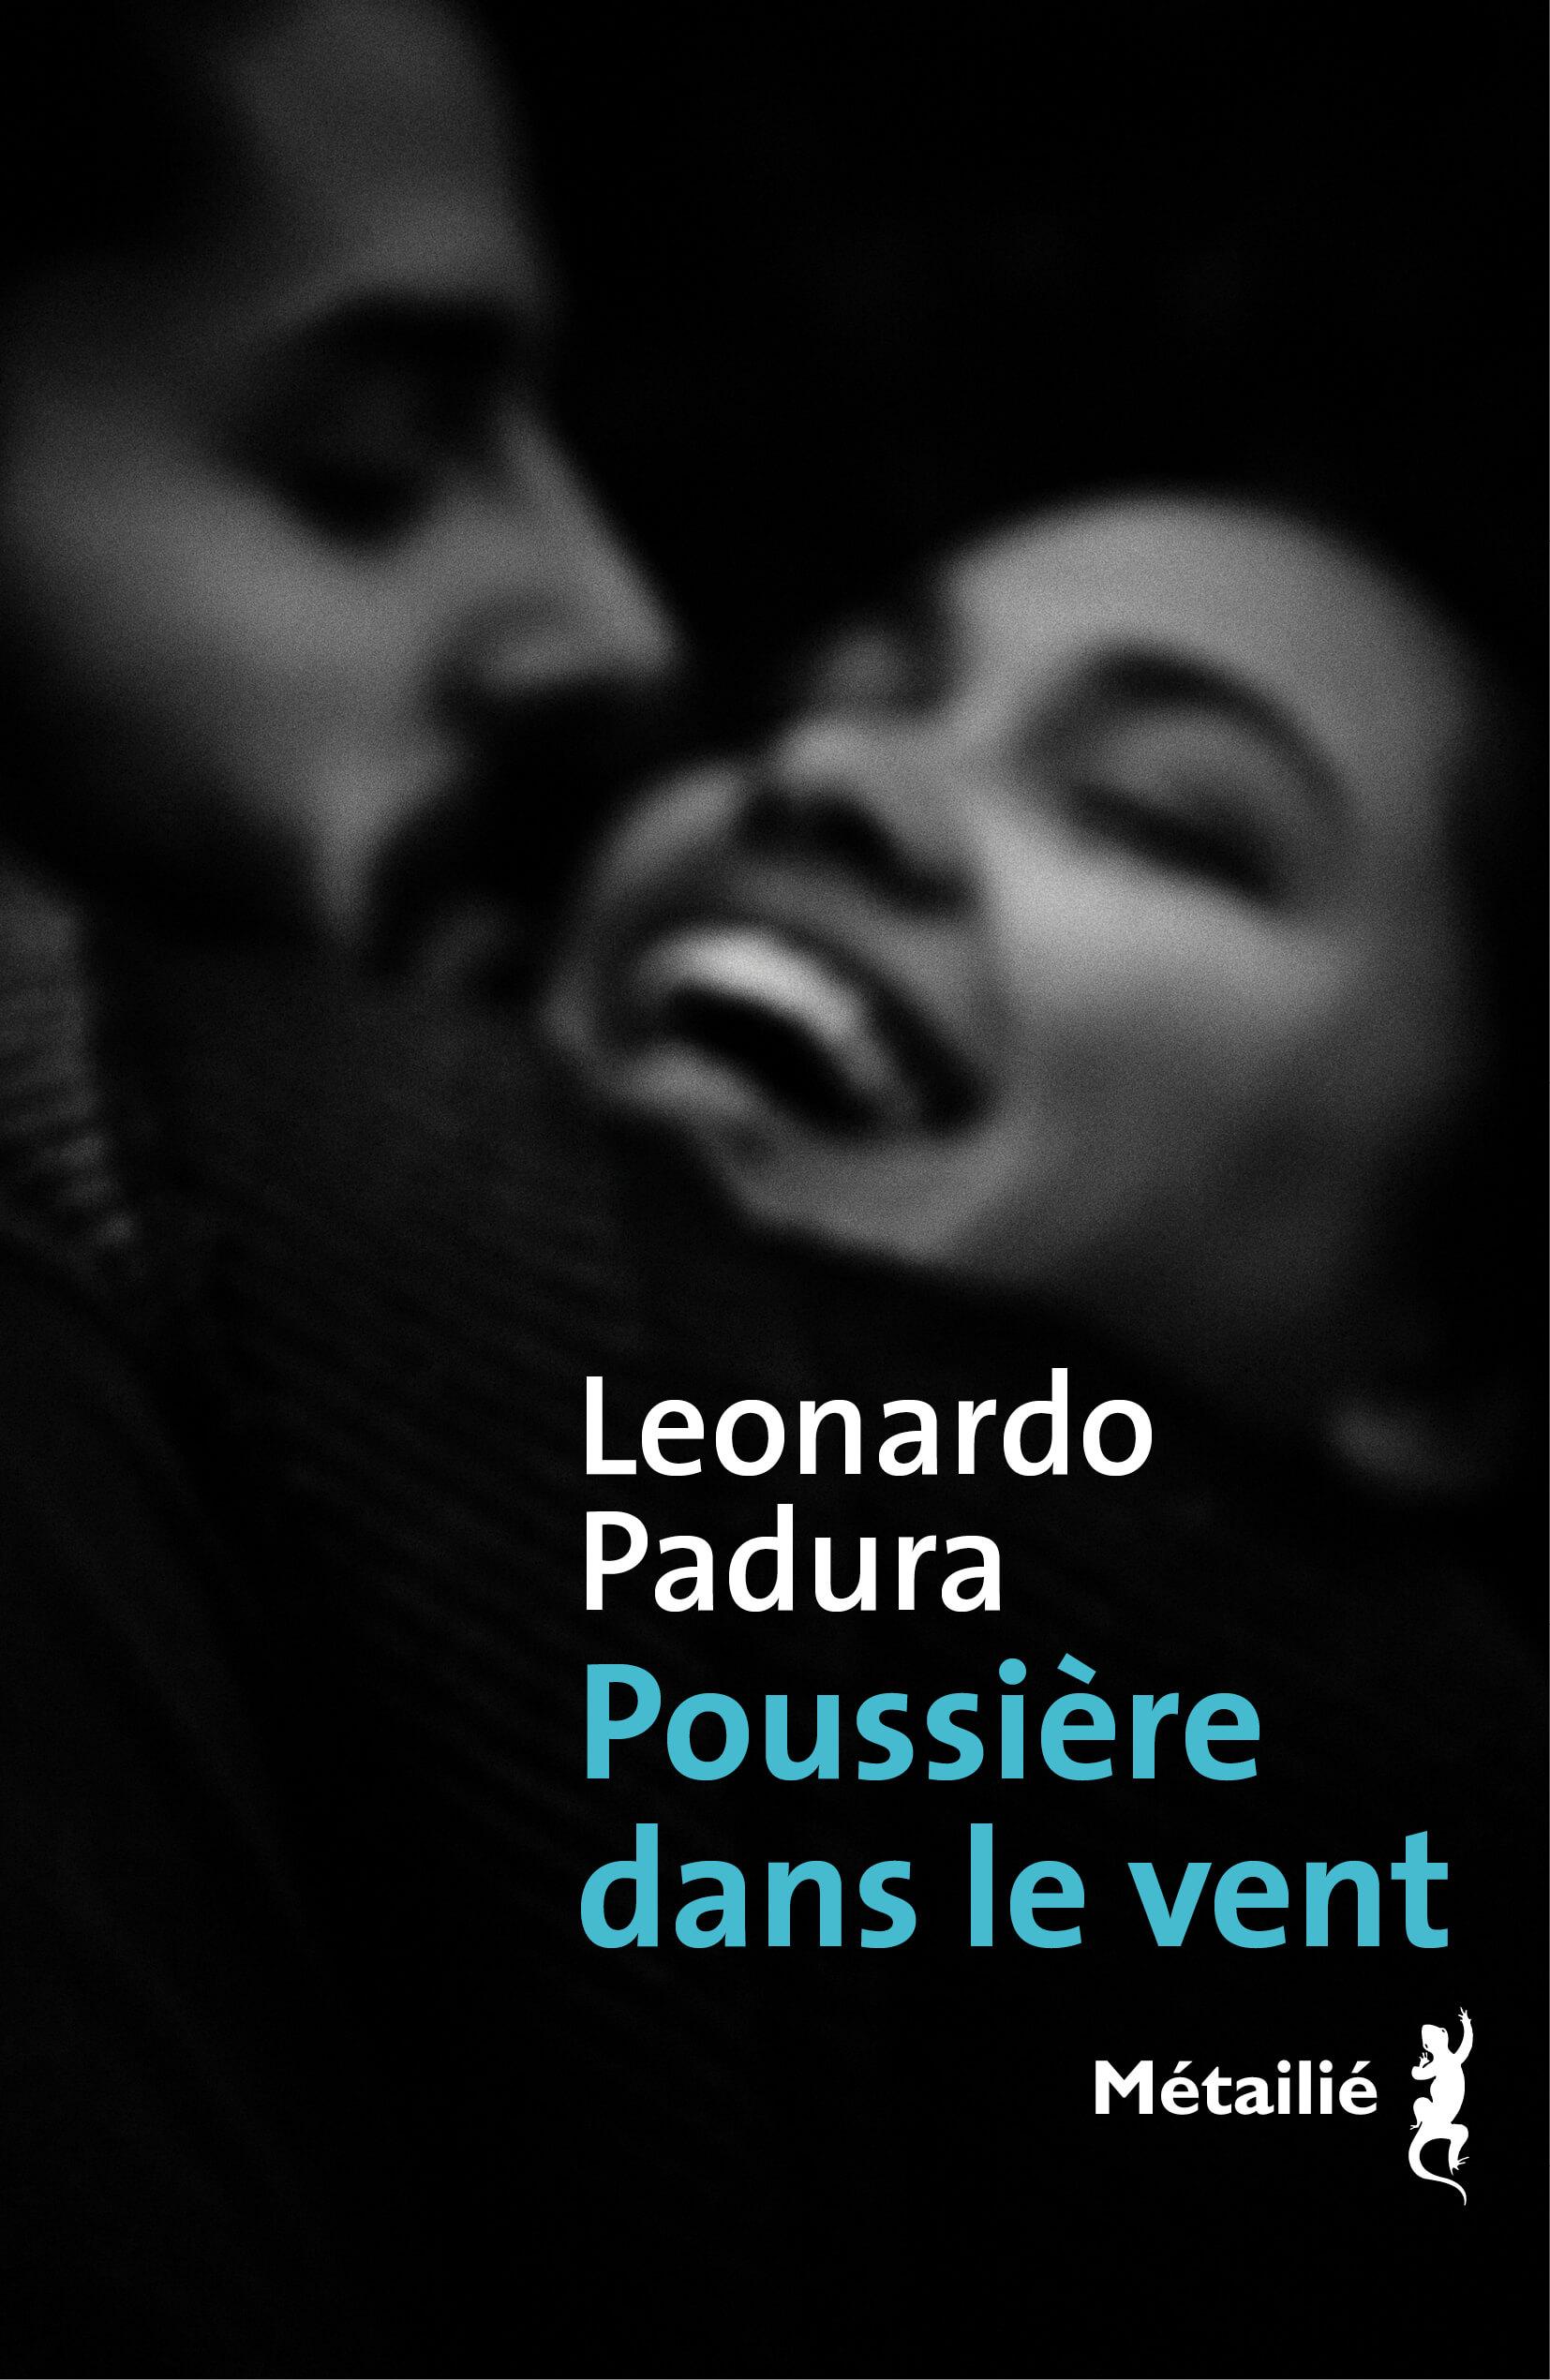 Poussière dans le vent de Leonardo Padura